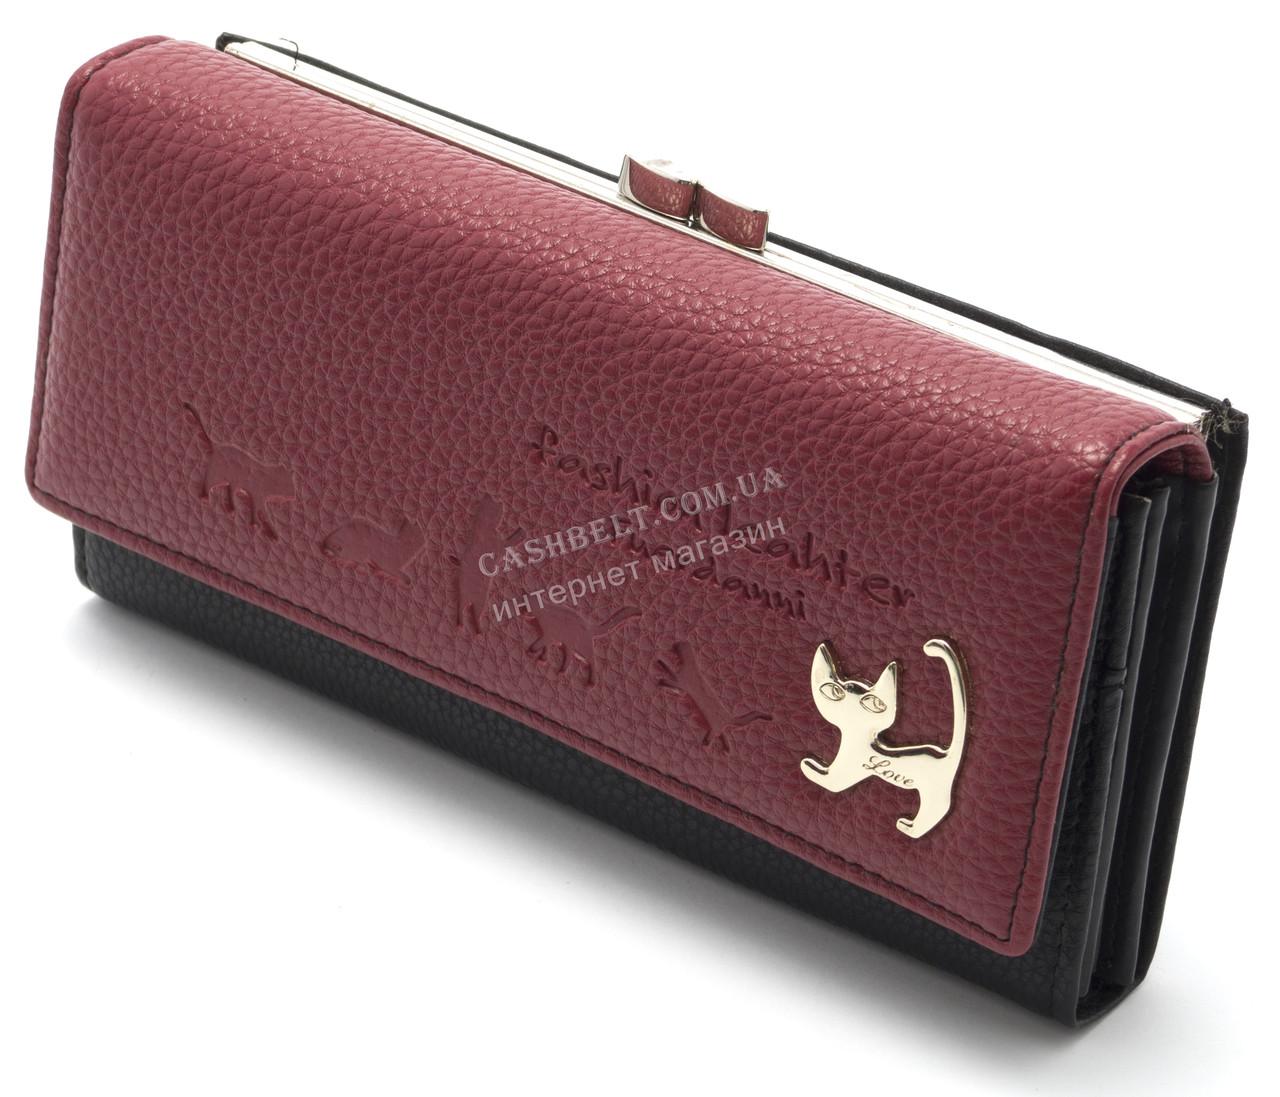 abdfd992c384 8952, фото 2 · Прикольный женский кошелек красного цвета FUERDANNI art.